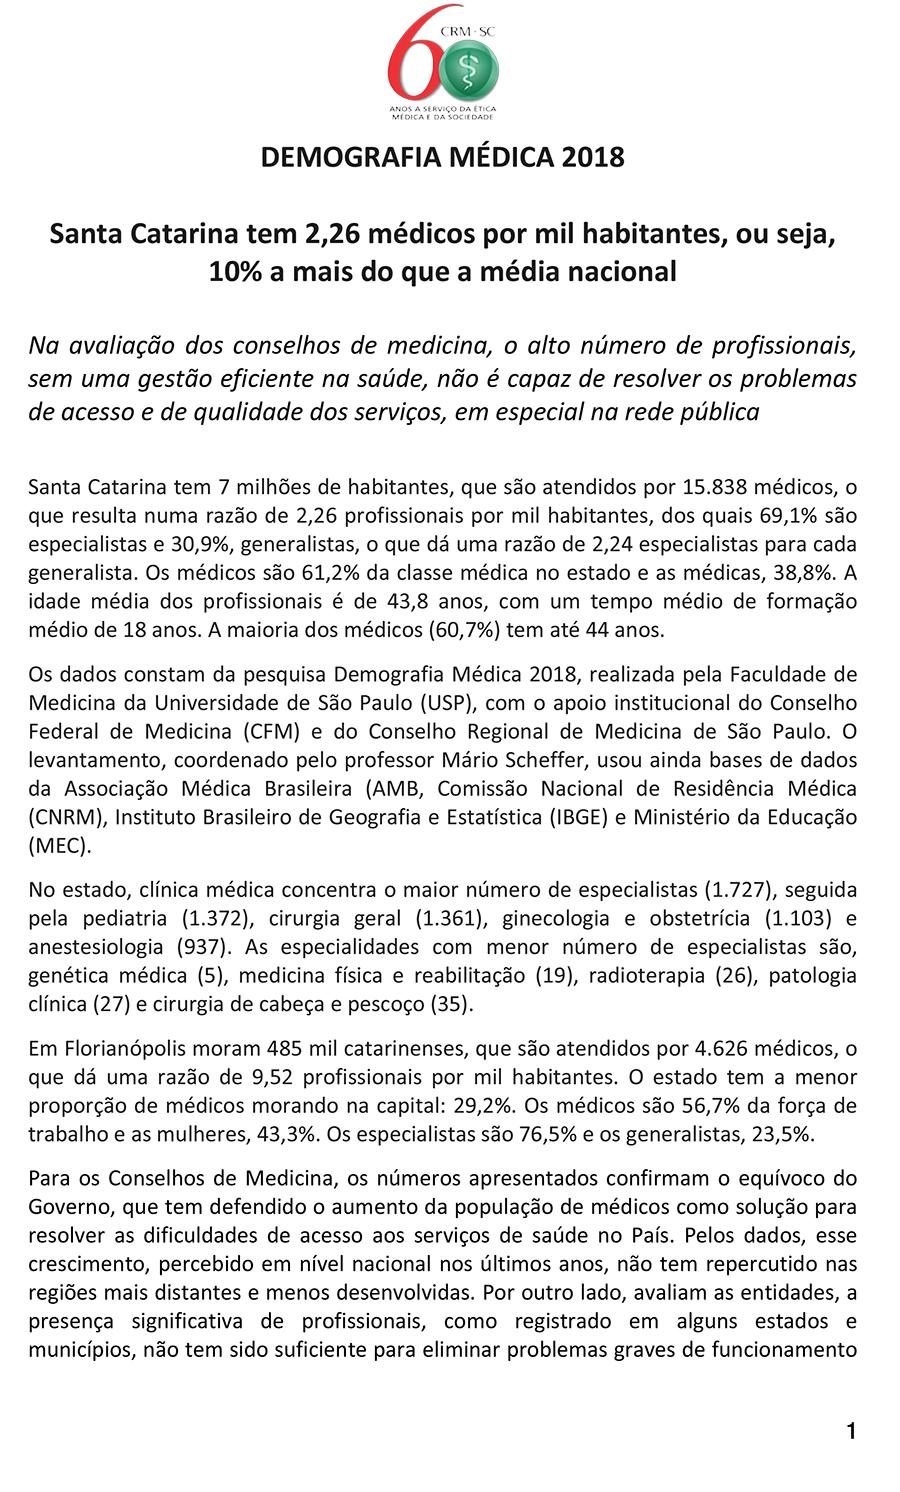 a4e55edb7c761 Demografia Médica 2018 20 03 2018